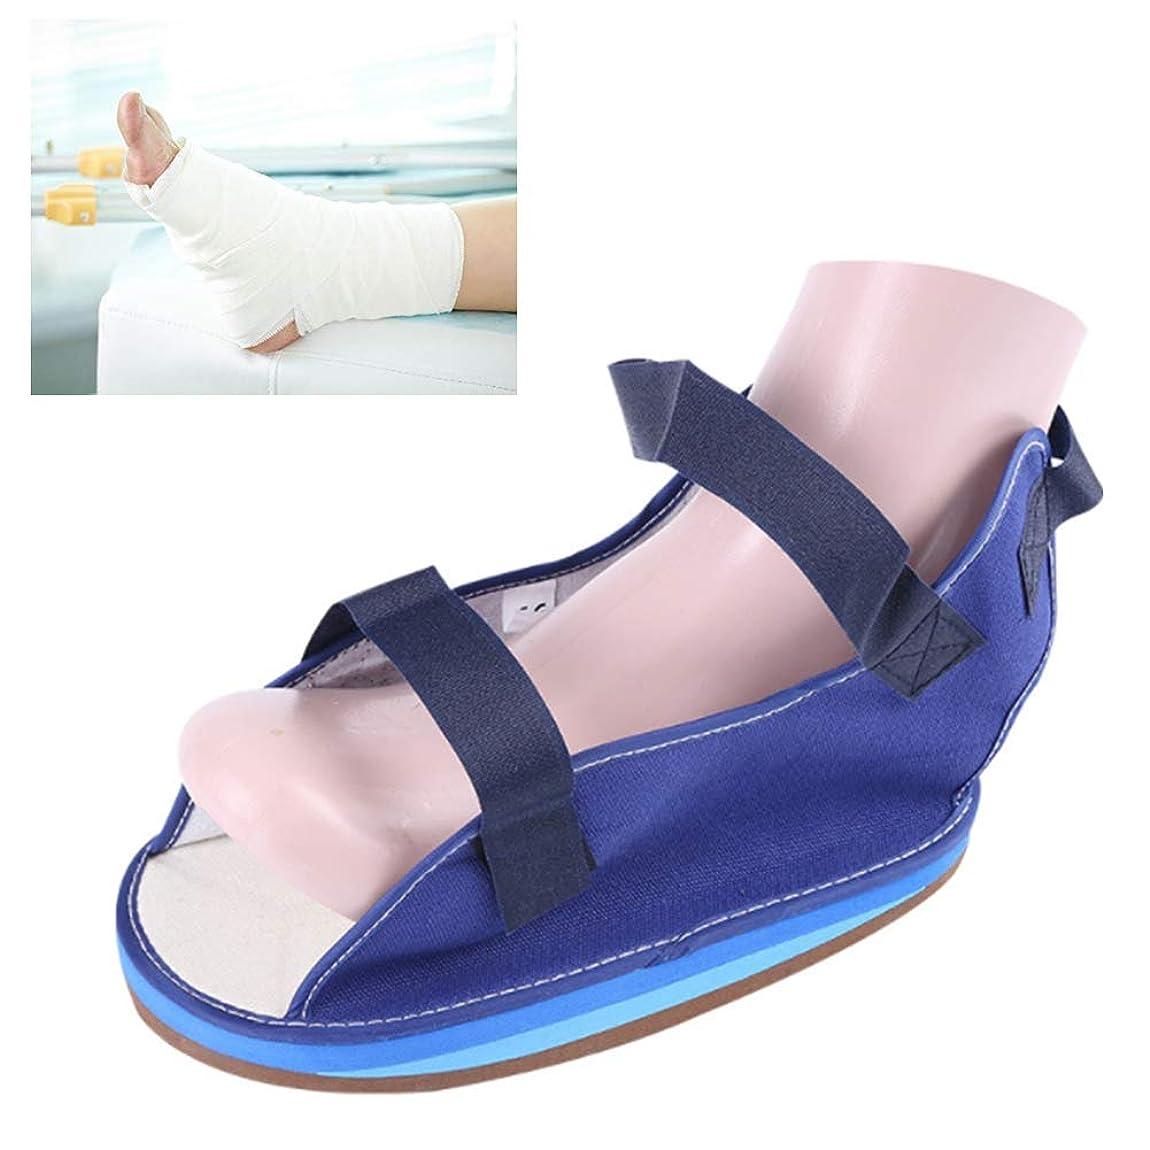 豪華な光景敵意キャスト医療靴術後歩行ブートヒーリングリハビリ石膏靴外科的骨折足用靴,30cm2pcs